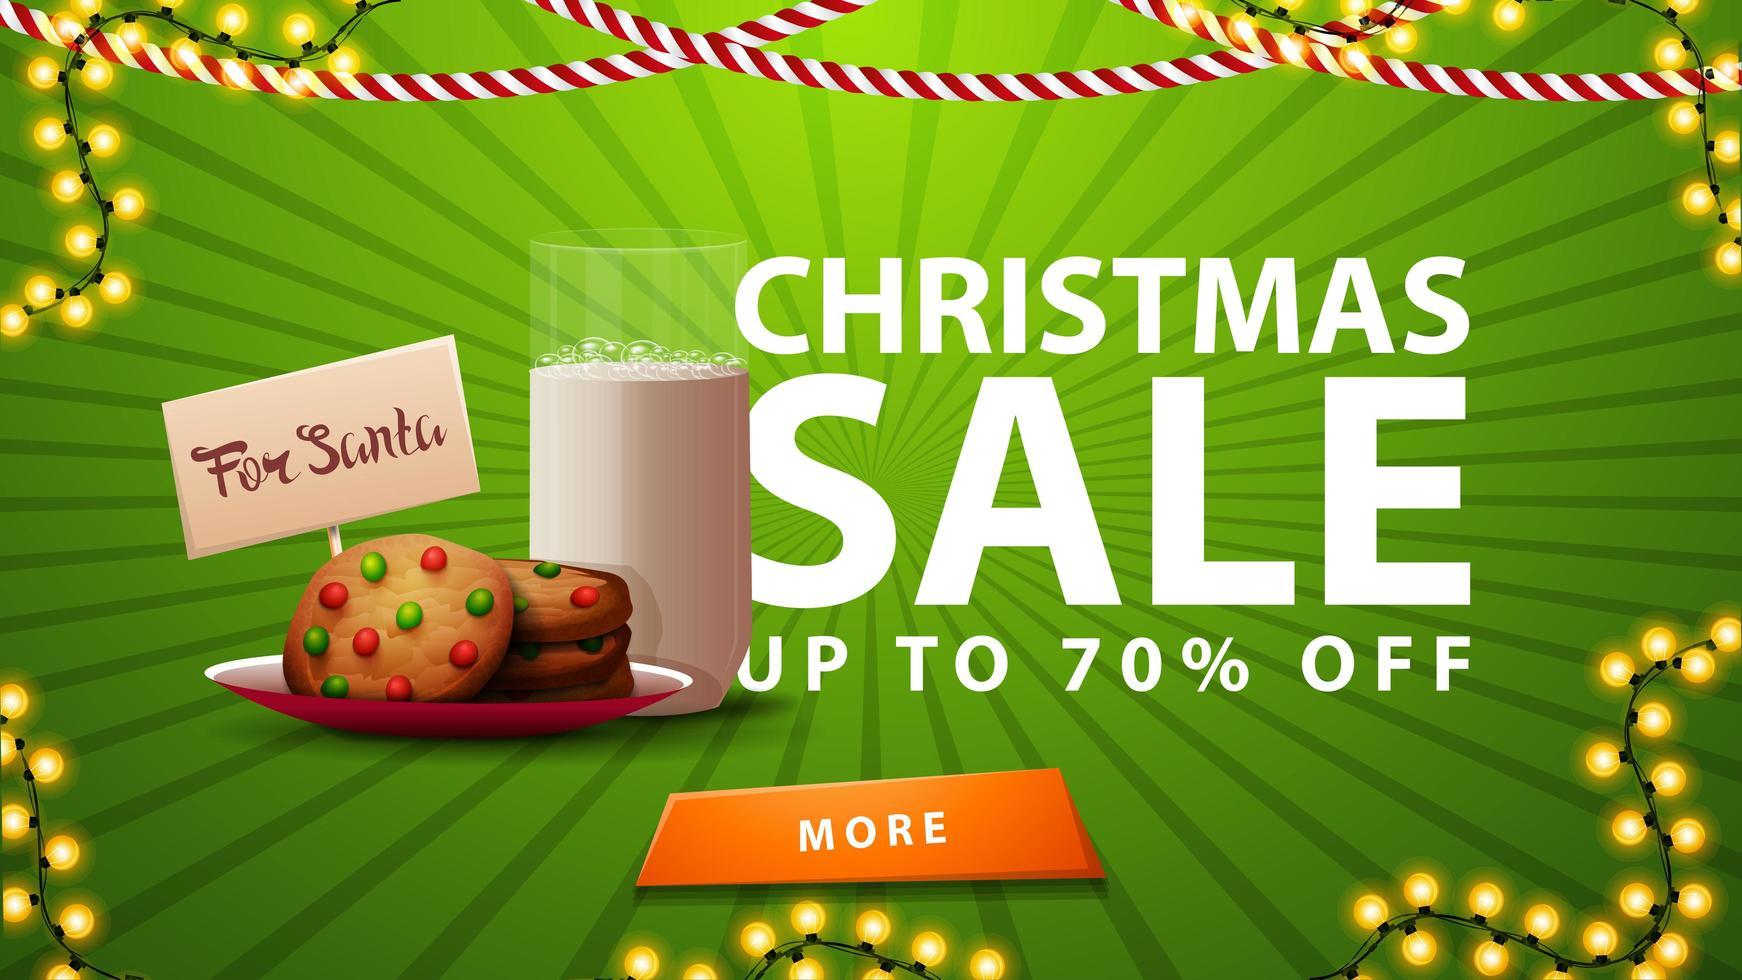 rebajas navideñas, hasta 70 de descuento, estandarte verde con guirnalda, botón y galletas con un vaso de leche para santa claus vector